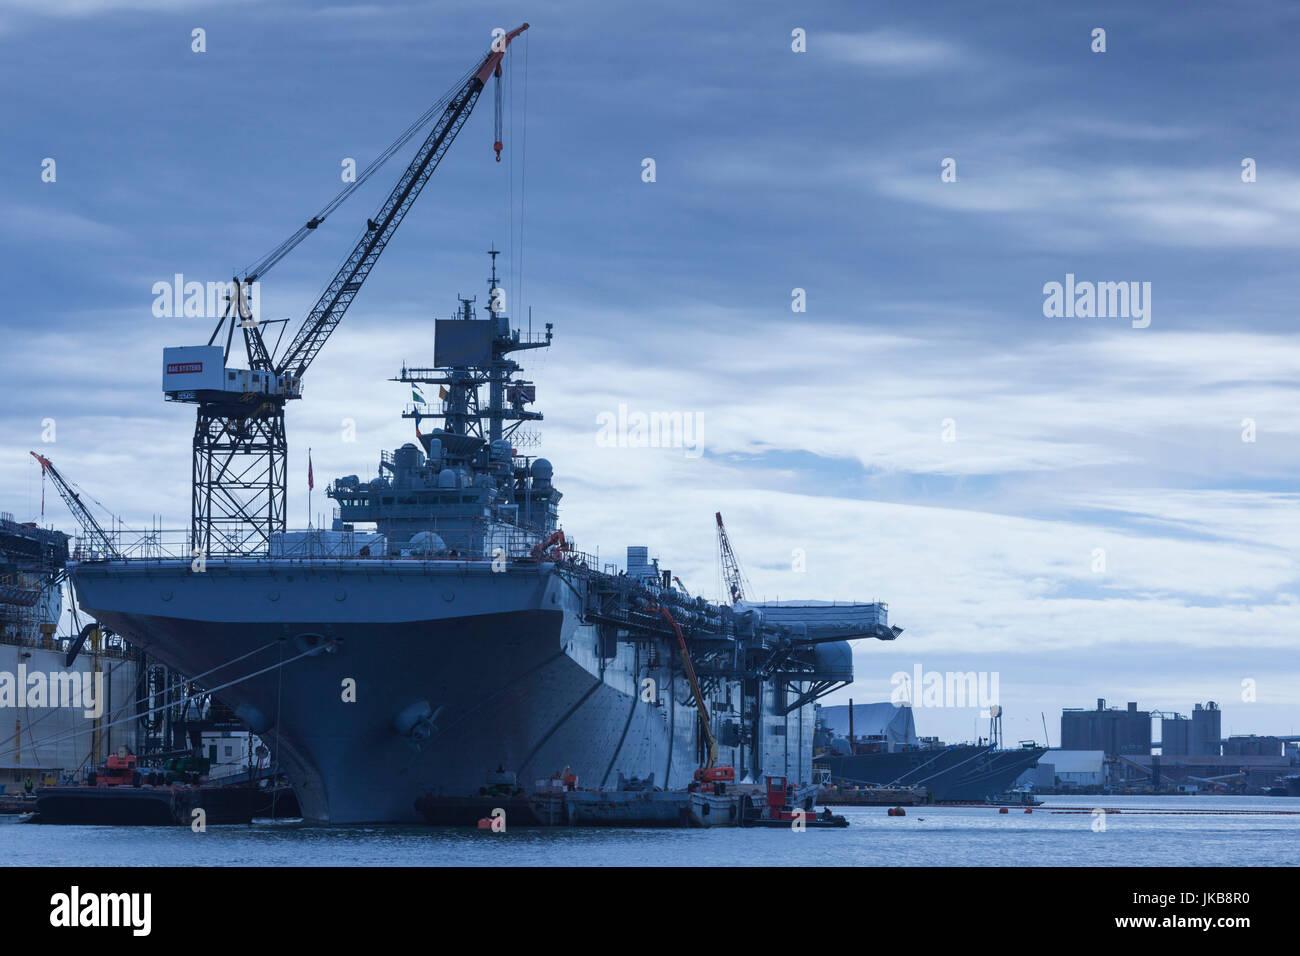 Stati Uniti d'America, Virginia, Portsmouth, il Cantiere Navale di Portsmouth, portaerei in costruzione Immagini Stock